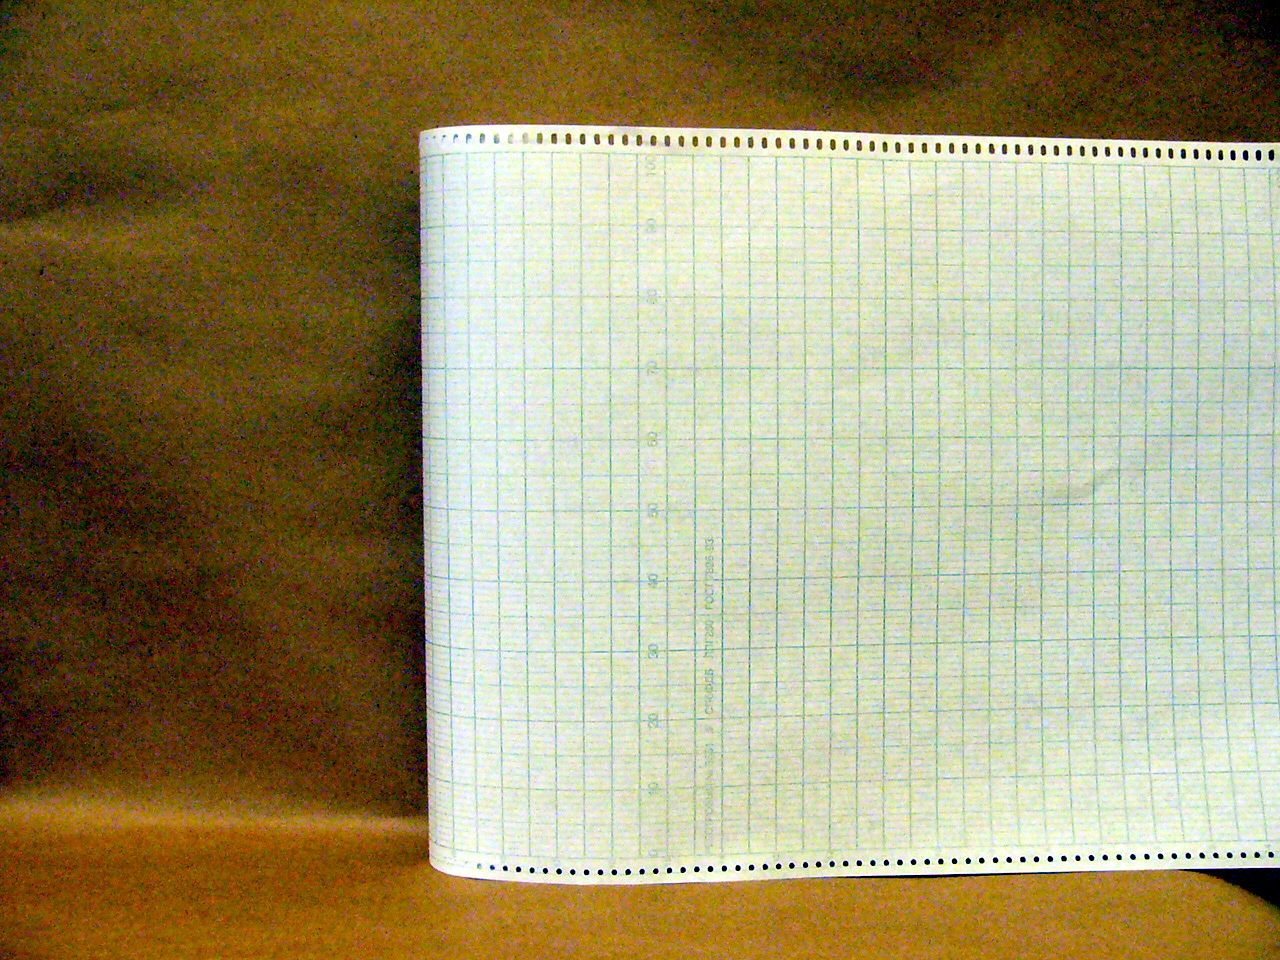 Диаграммная рулонная лента, реестровый № 3561 (37,03 руб/кв.м)